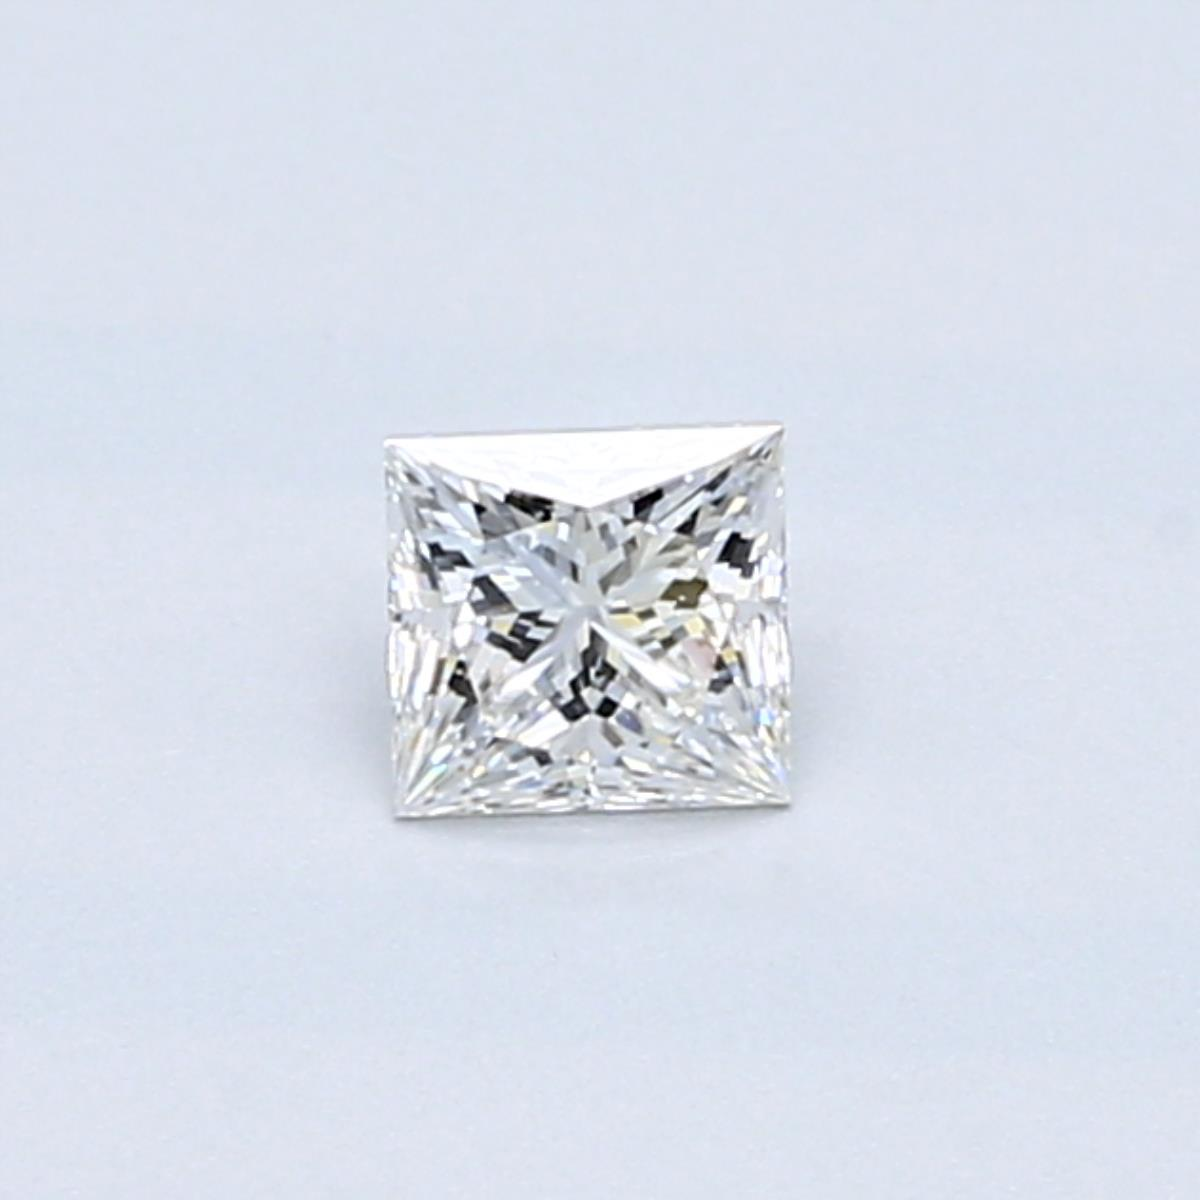 0.29 PR Diamond (F, VS2)